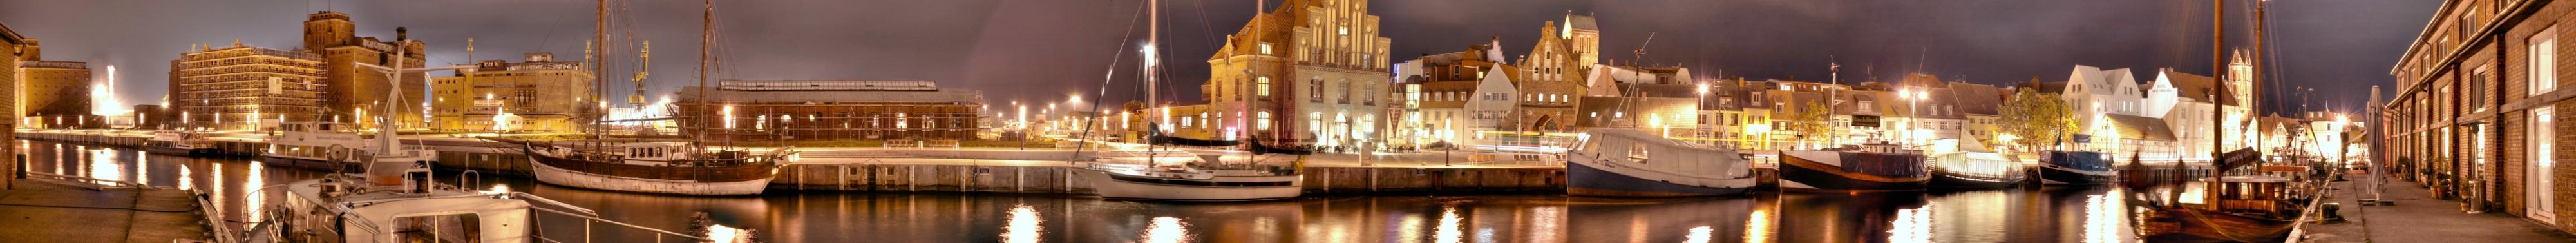 Alter Hafen in Wismar bei Nacht